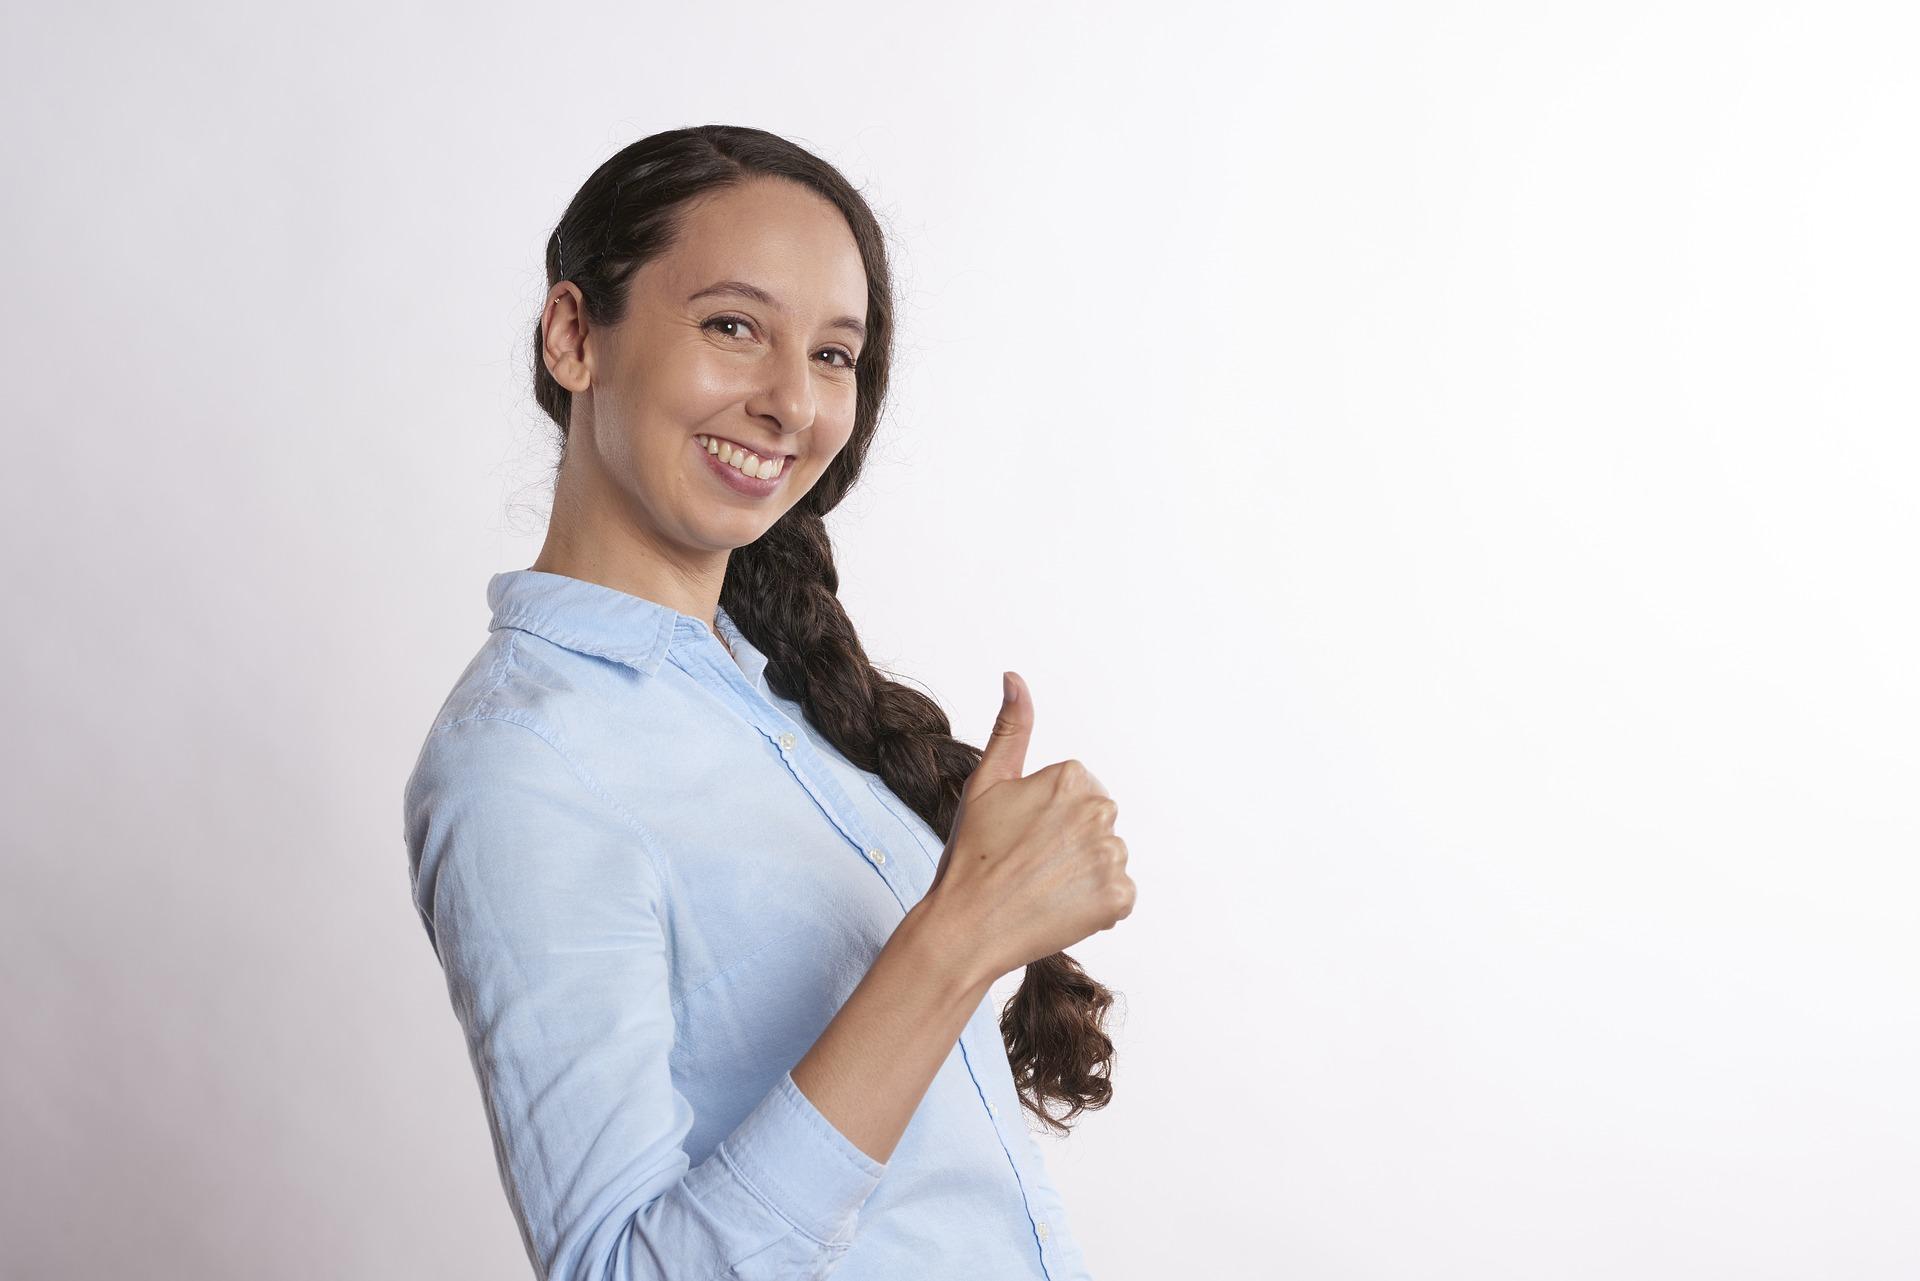 kvinde med tommelfinger op